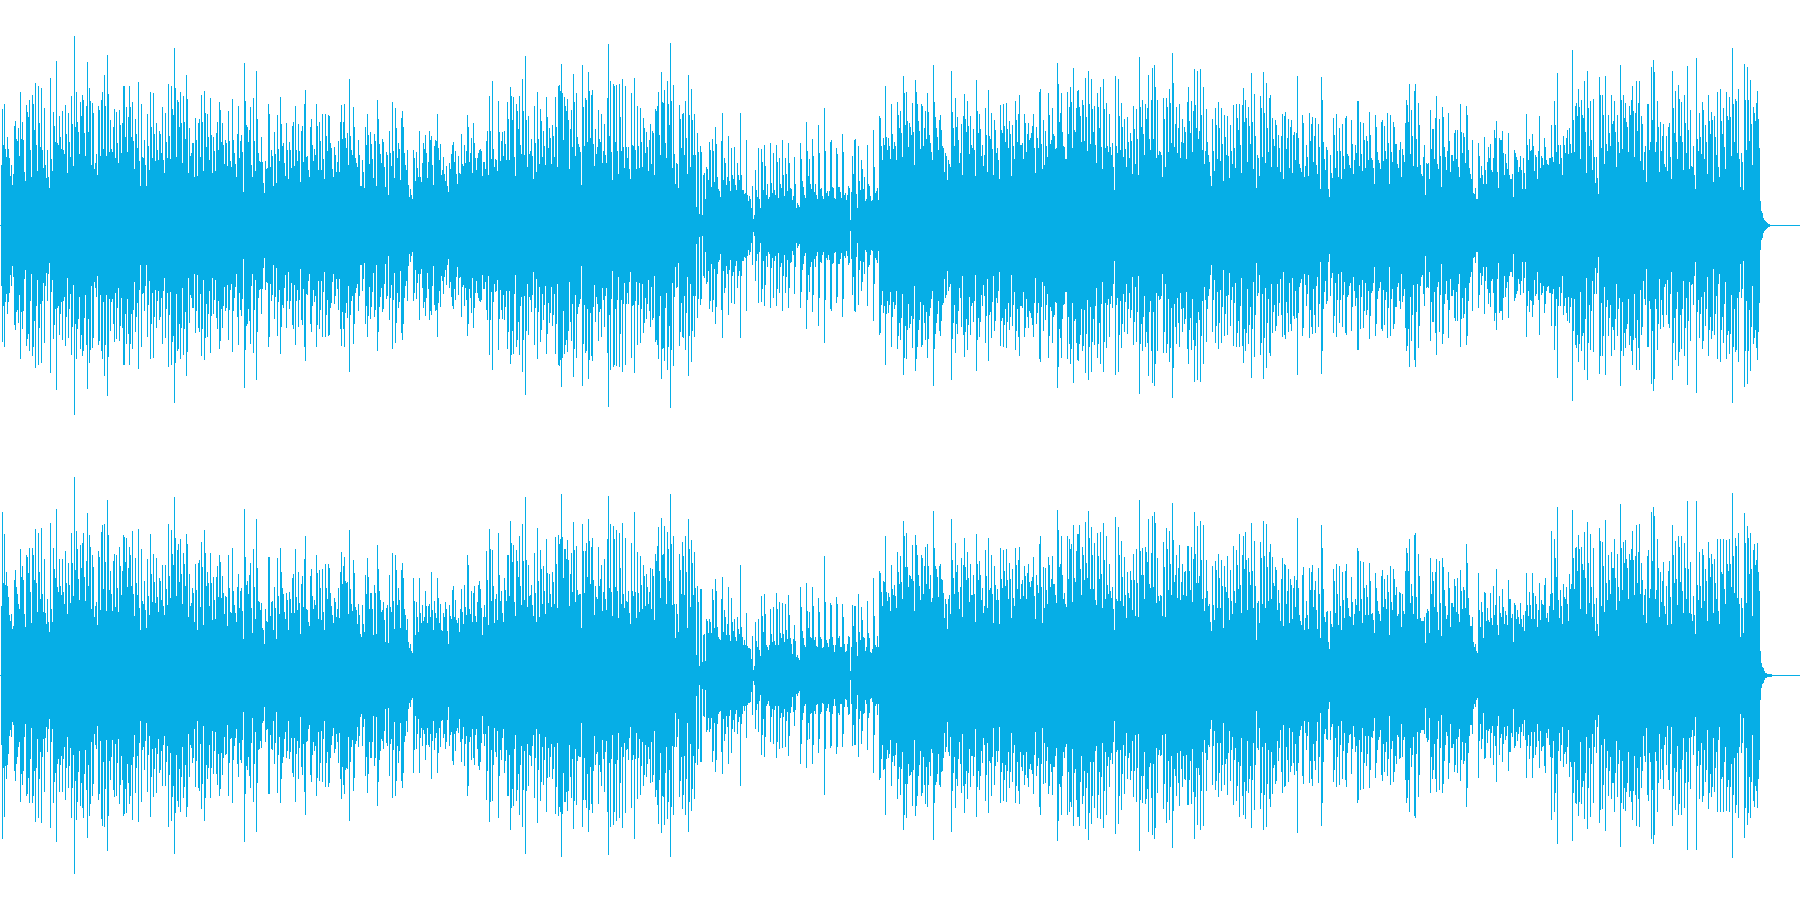 和の楽器を使用したコミカルなBGMですの再生済みの波形